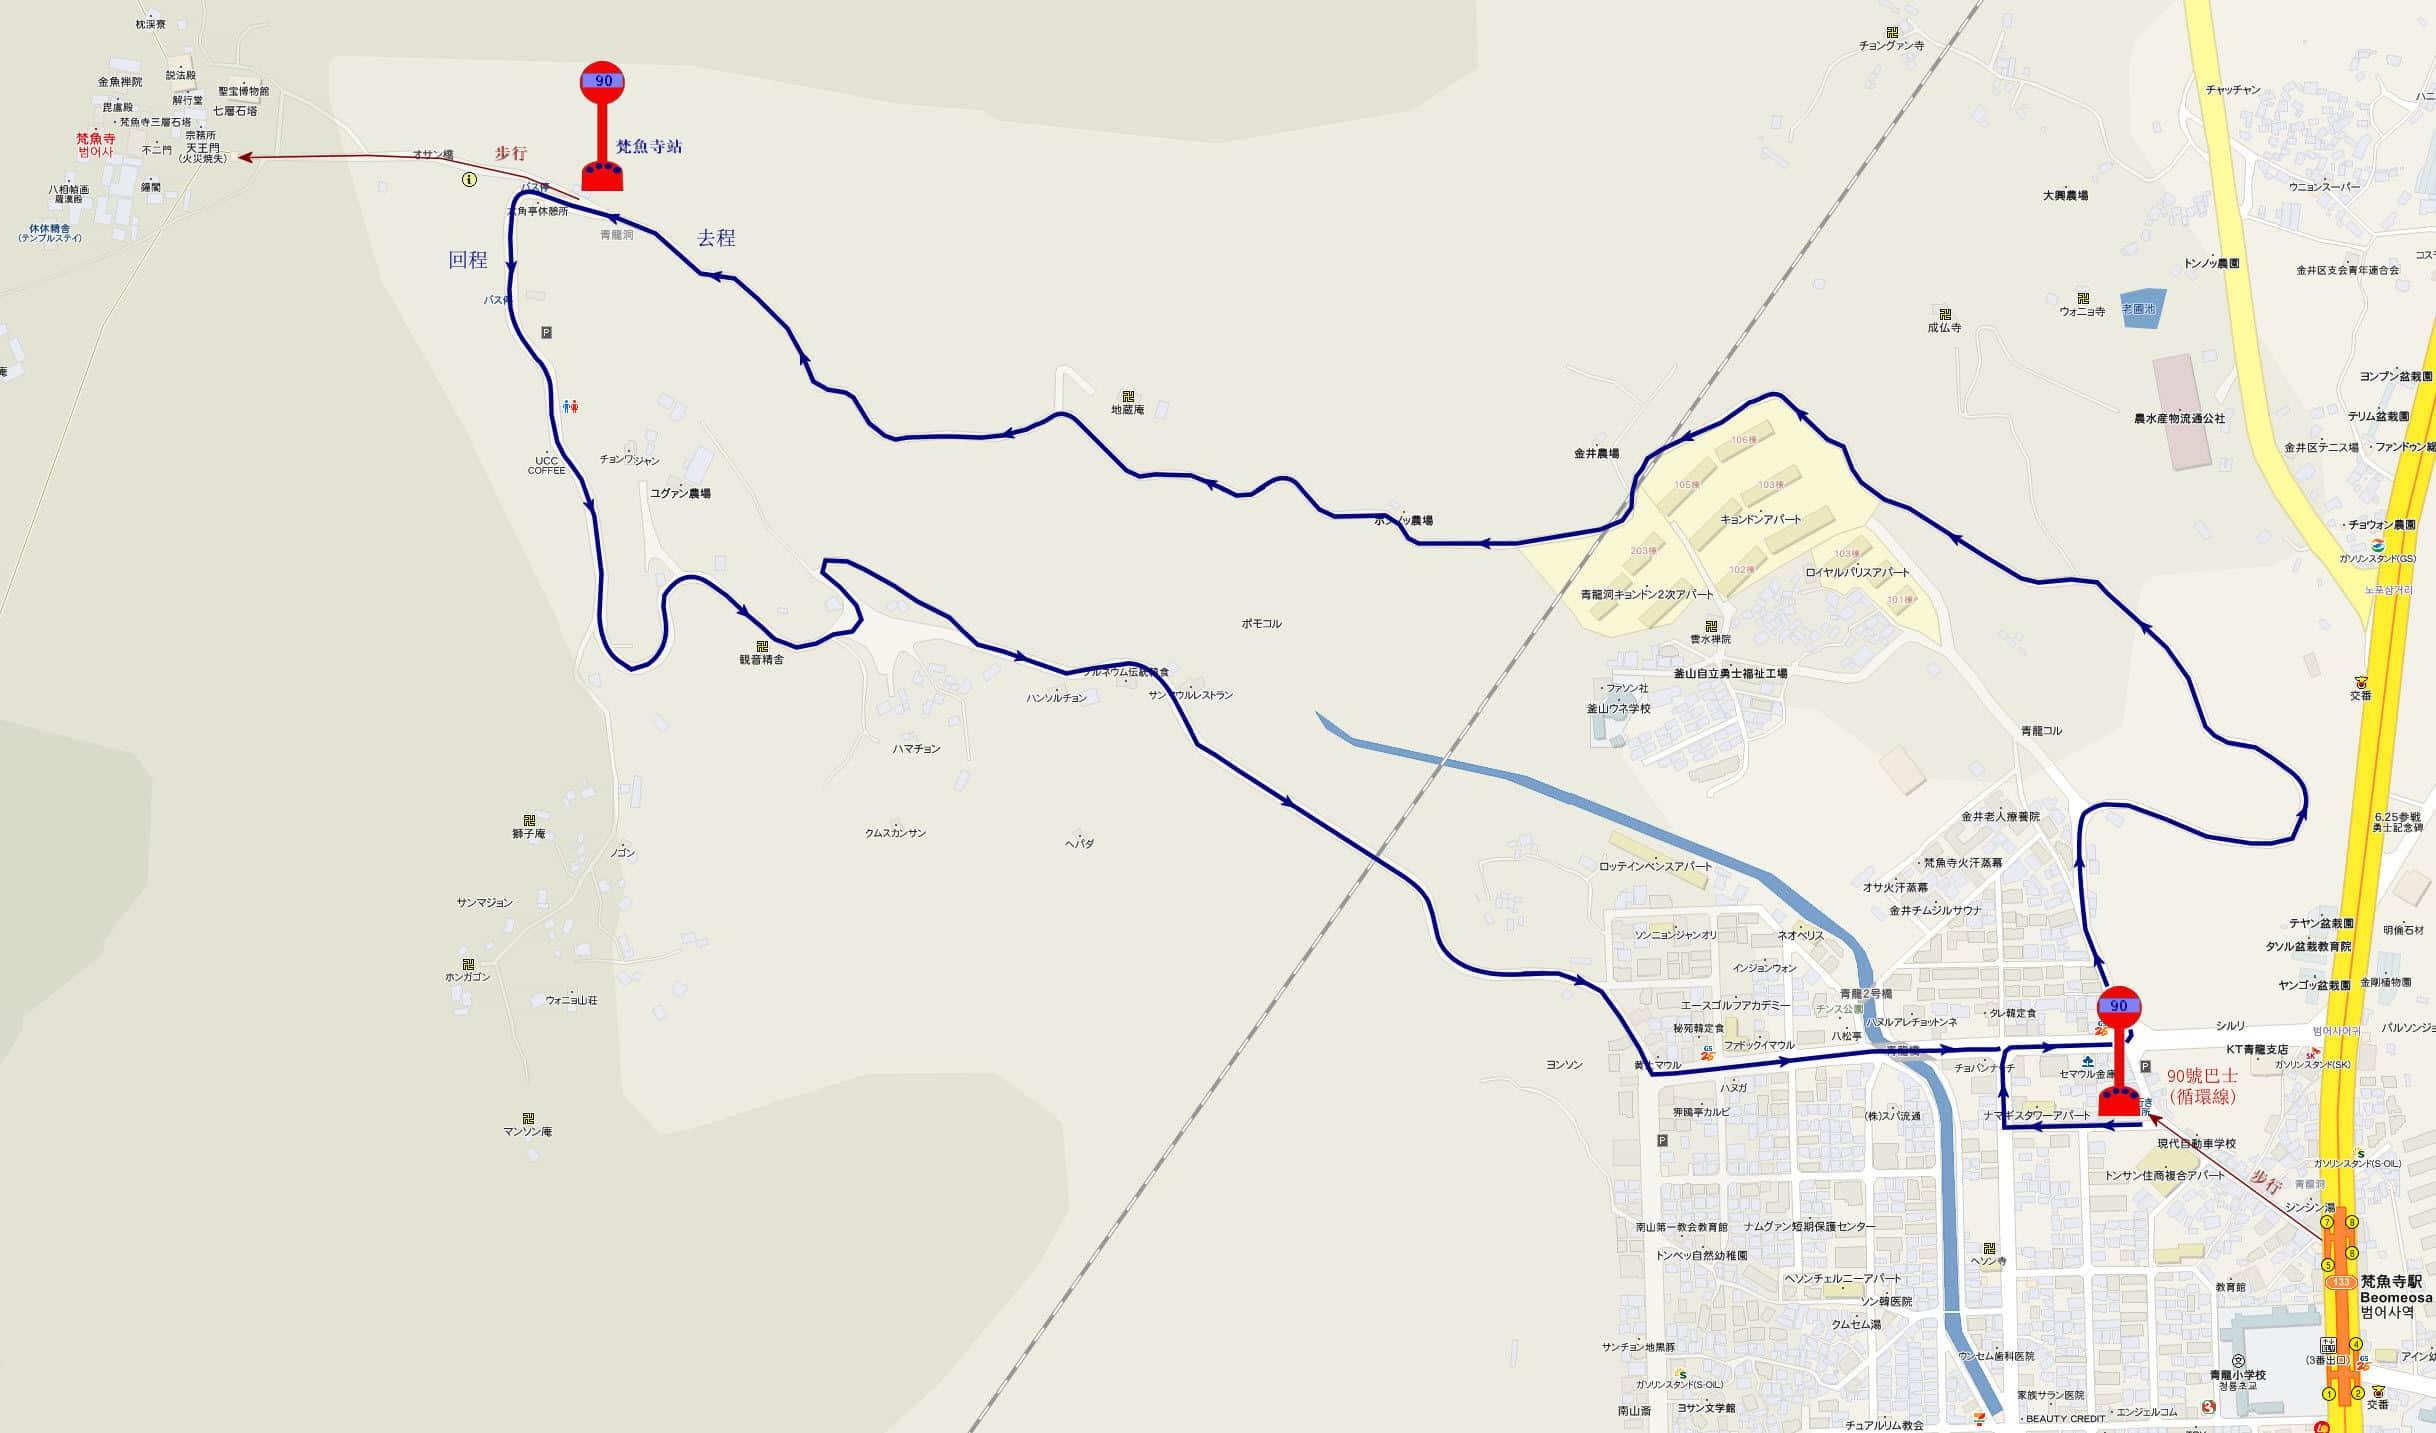 梵魚寺地鐵站往梵魚寺90號巴士路線圖